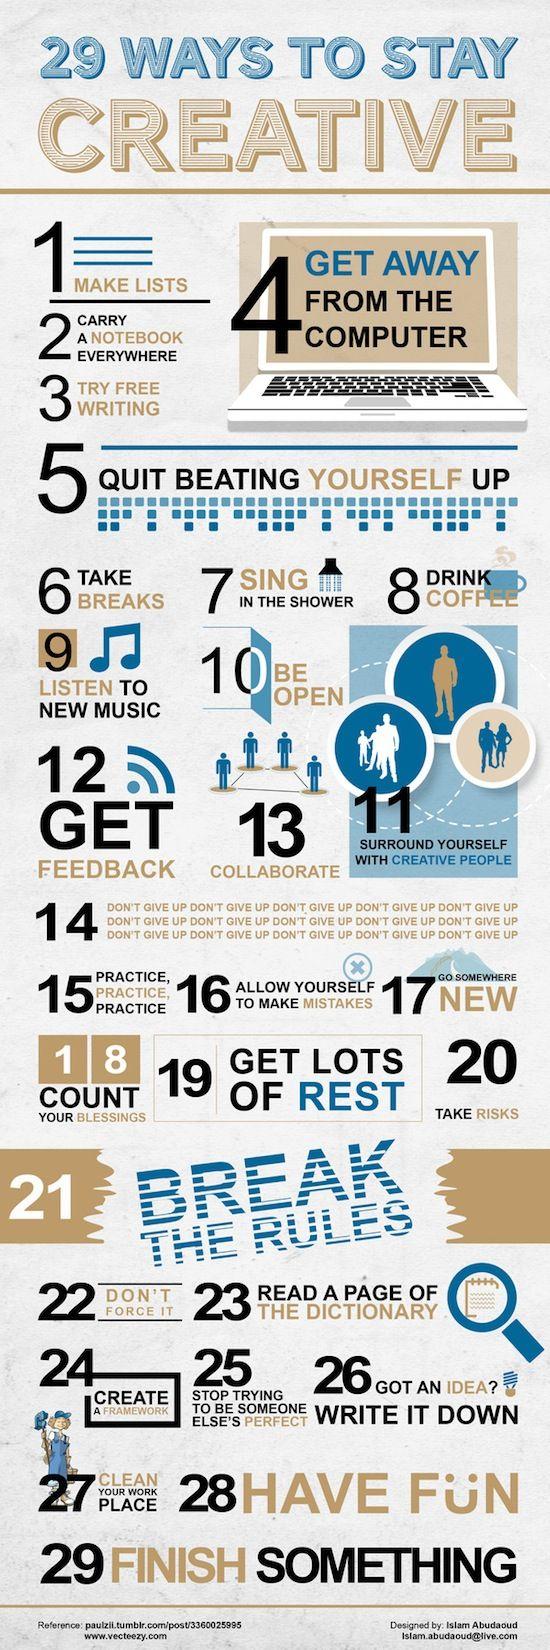 [Infographie] Prendre des notes, chanter sous la douche... 29 façons de rester créatif! - FrenchWeb.fr